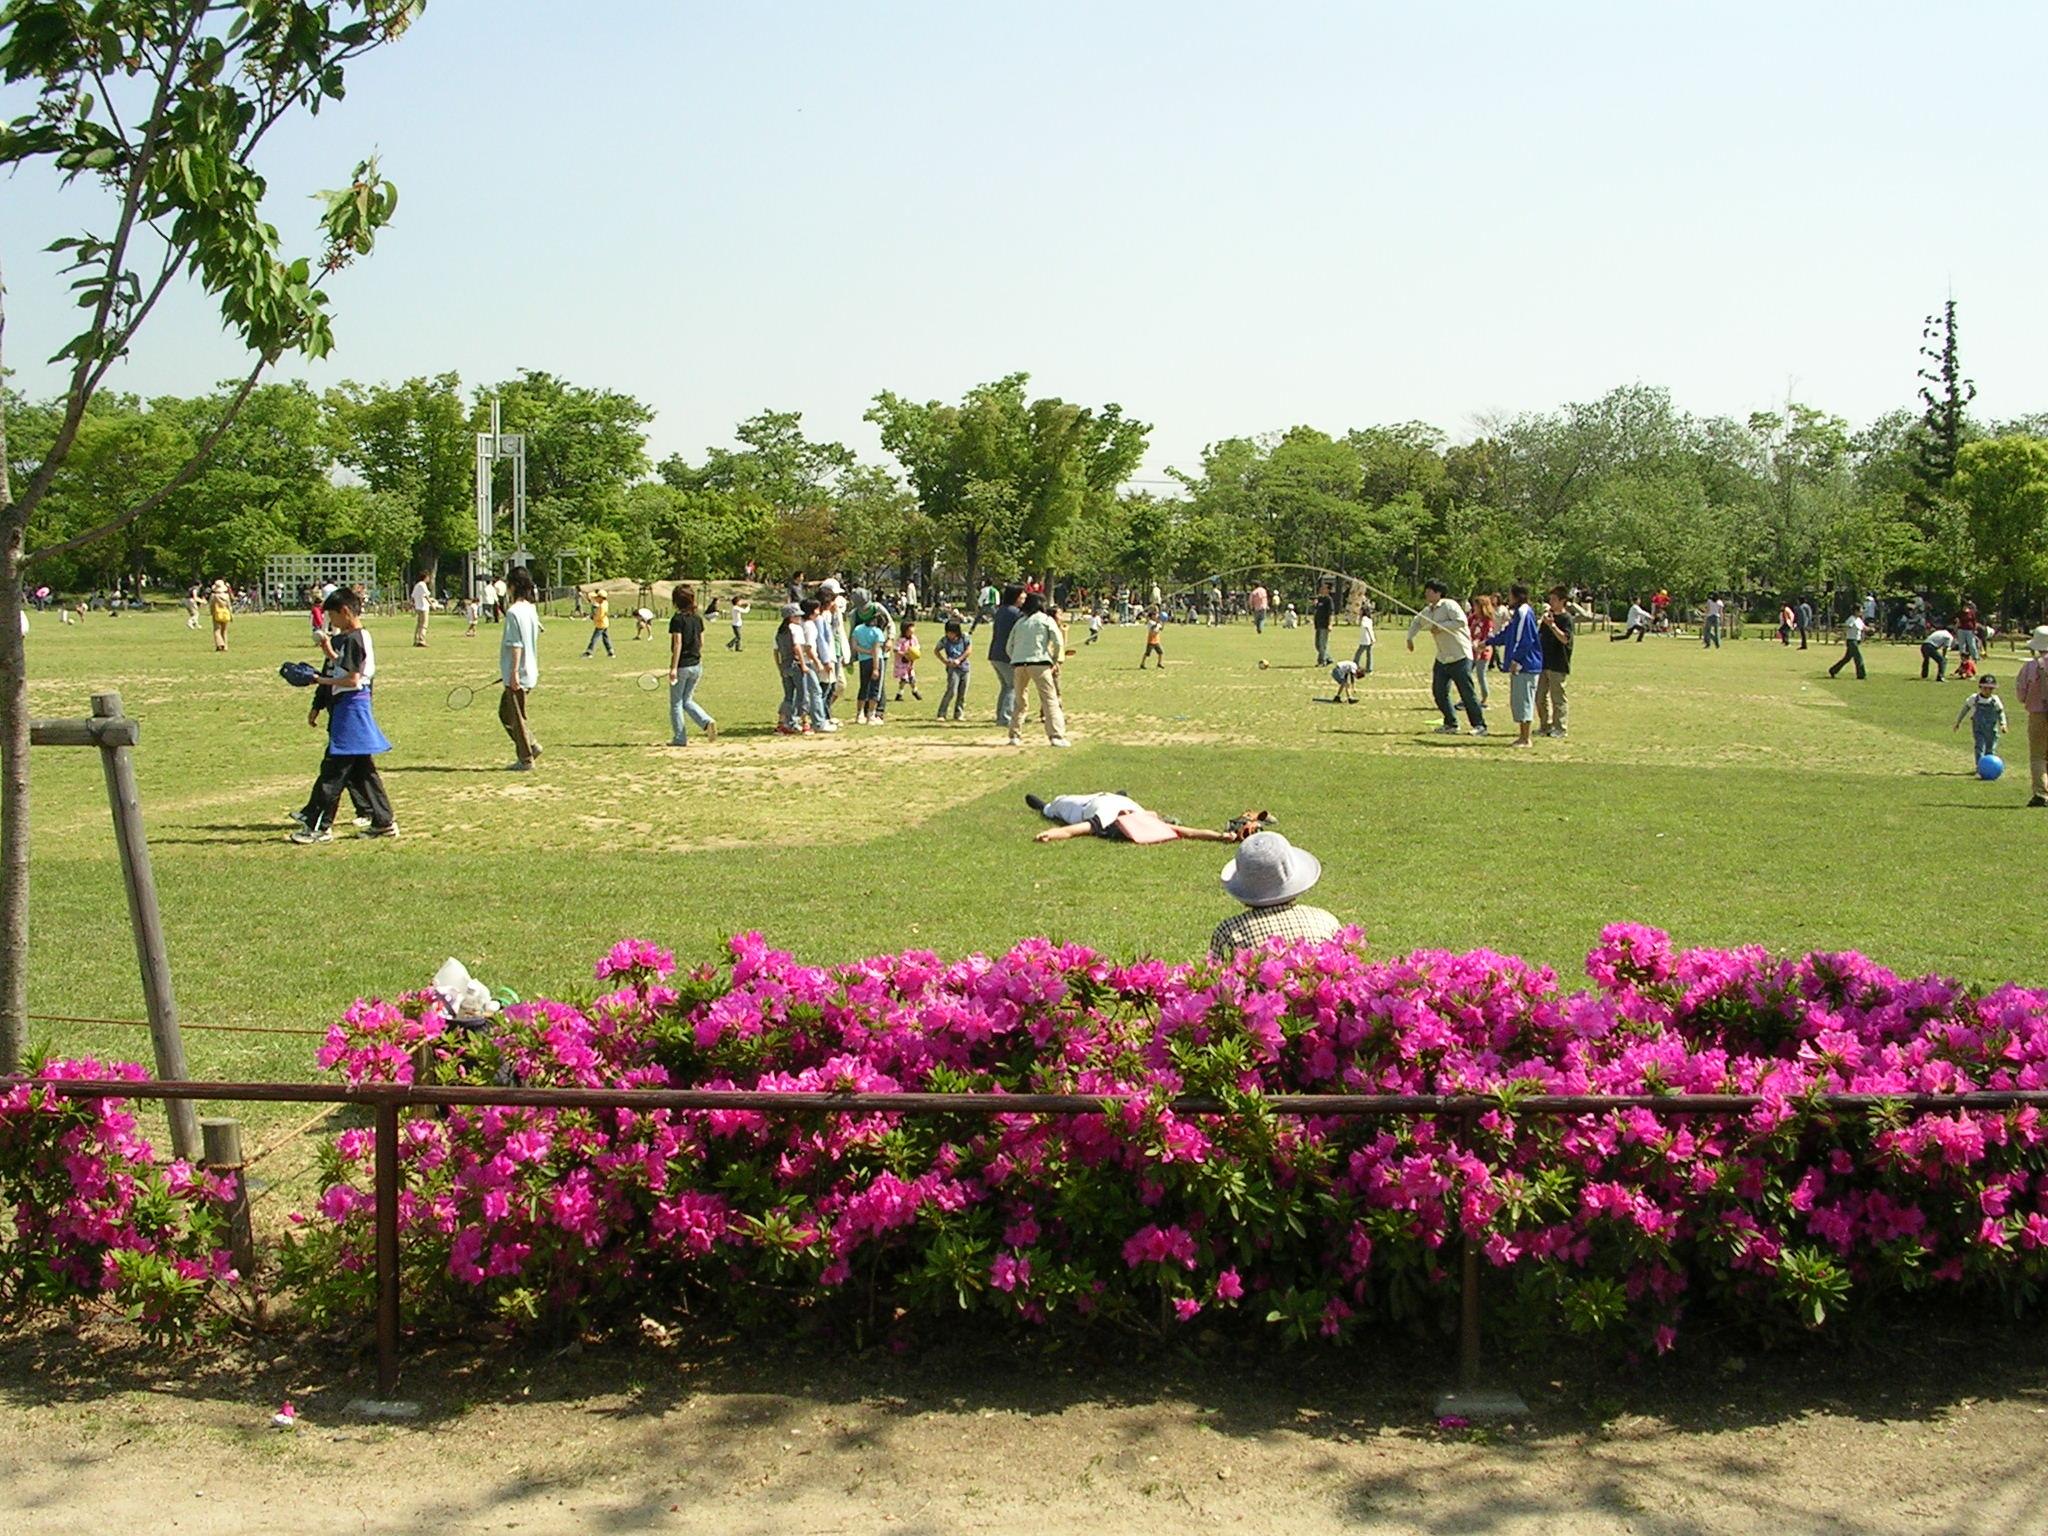 京都で子供が楽しめる遊び場まとめ!人気でおすすめの穴場をご紹介!